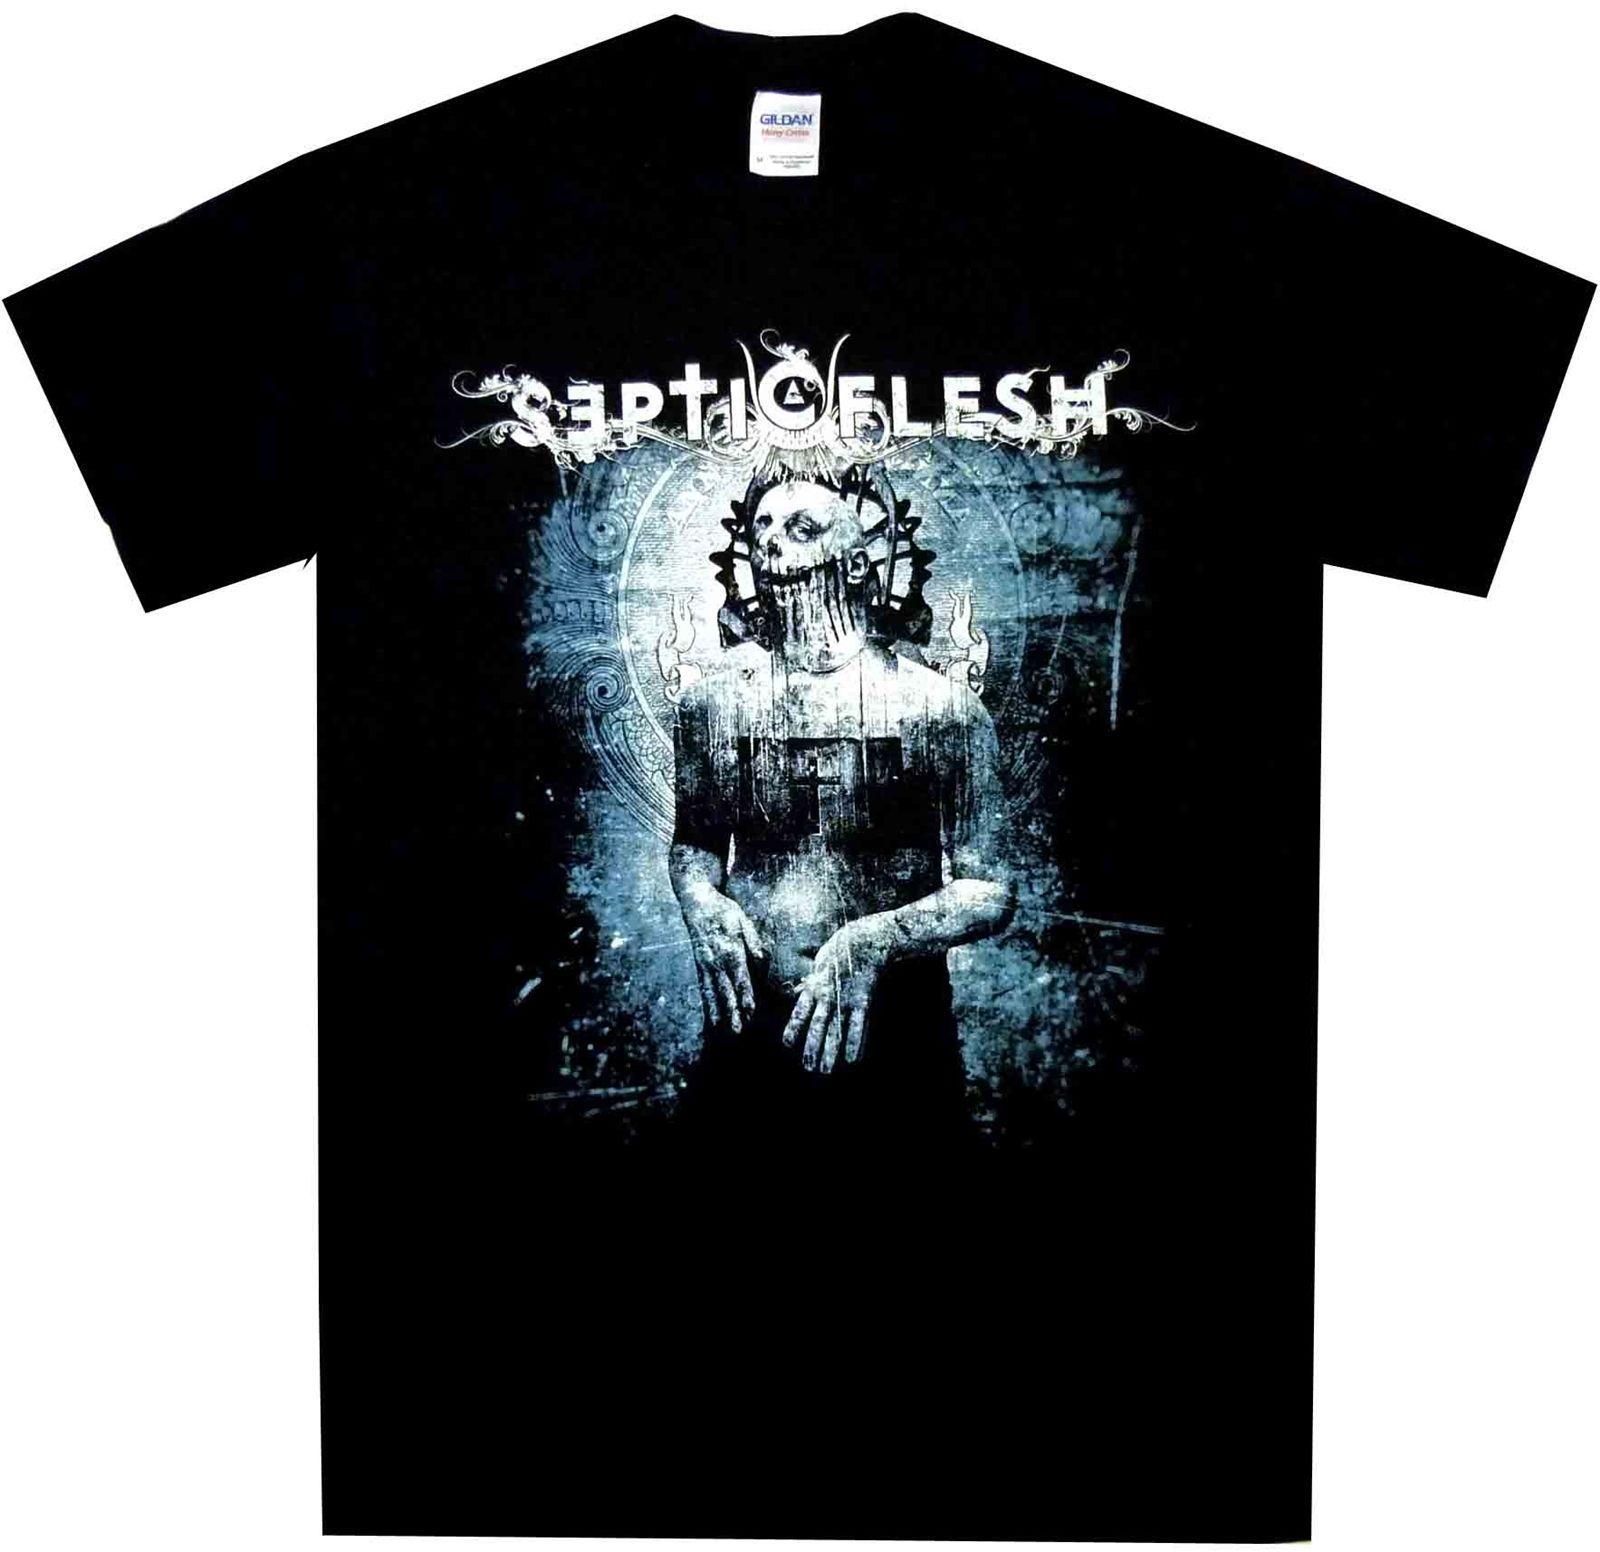 Chemise Mystic Flesh Places Of Dawn Mystic S M L XL T-shirt Officiel Nouveau